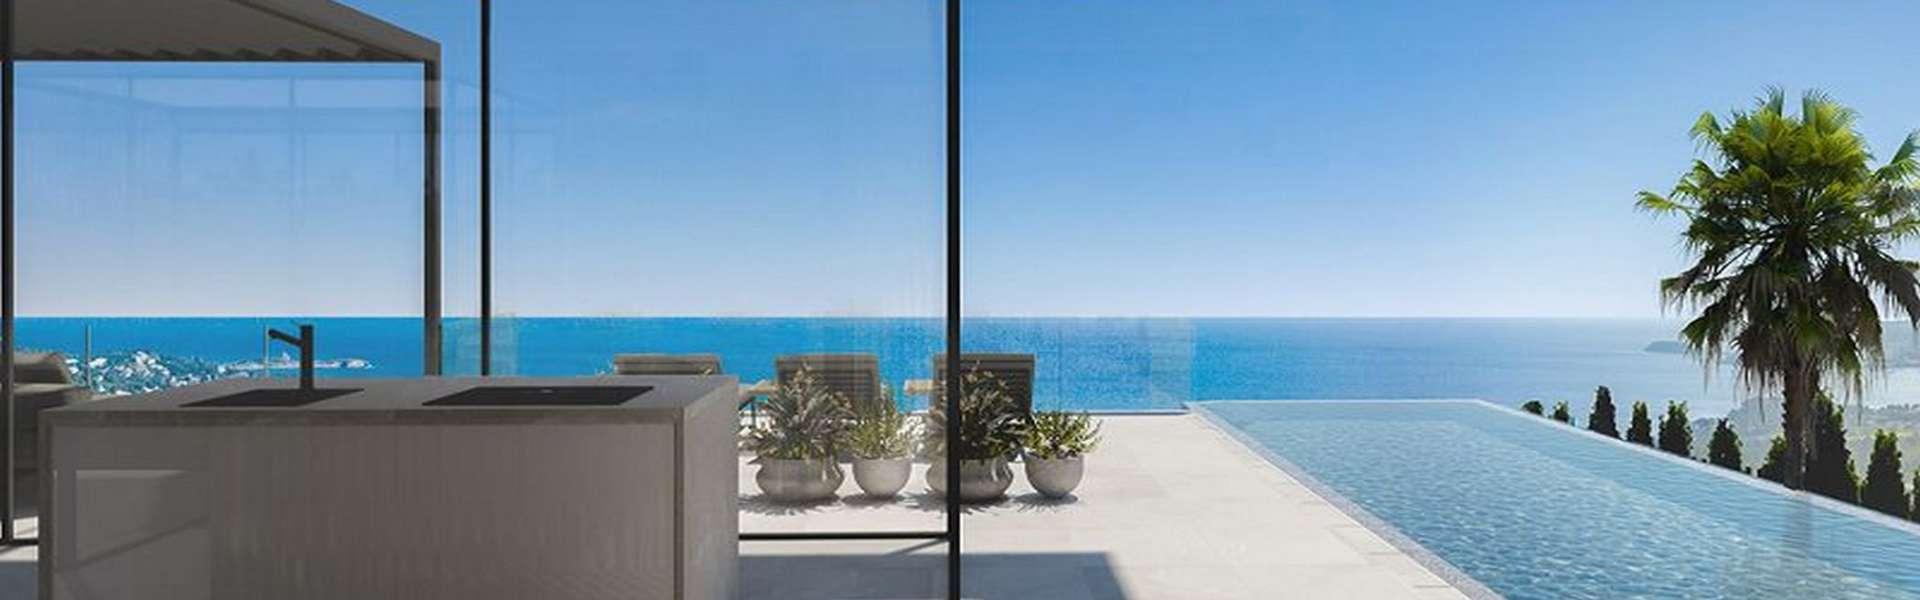 Costa d'en Blanes - TTerreno de construcción con proyecto aprobado y excelente vista al mar